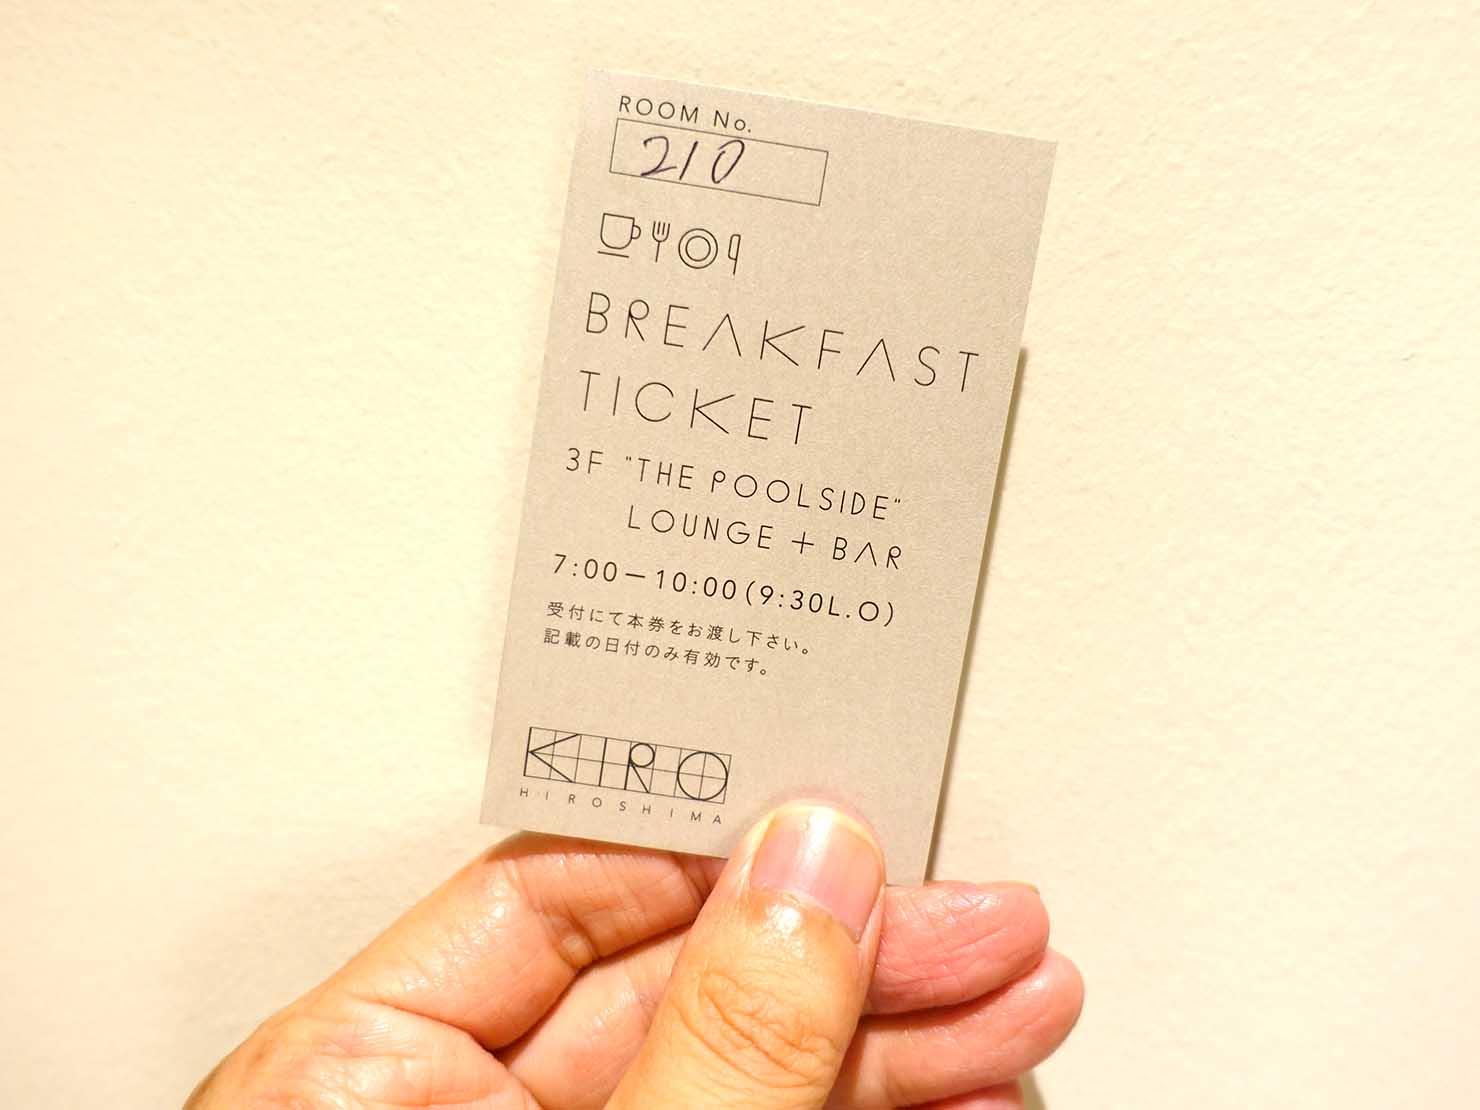 広島・八丁堀のおしゃれなリノベホテル「KIRO広島 The Share Hotels」の朝食チケット